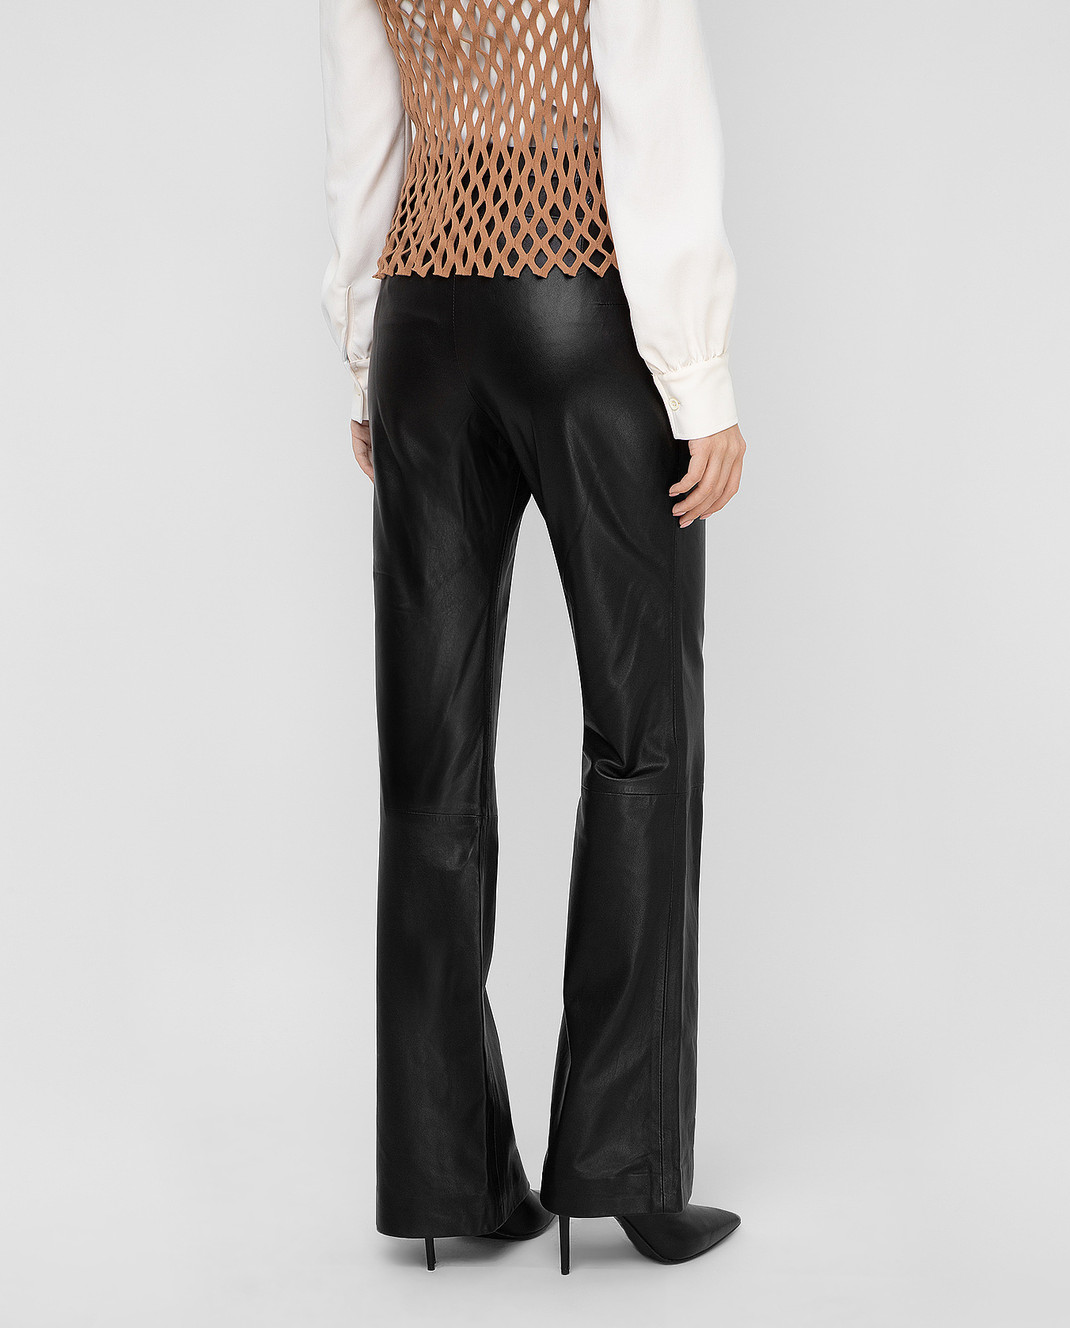 Altuzarra Черные кожаные брюки 318612796 изображение 4